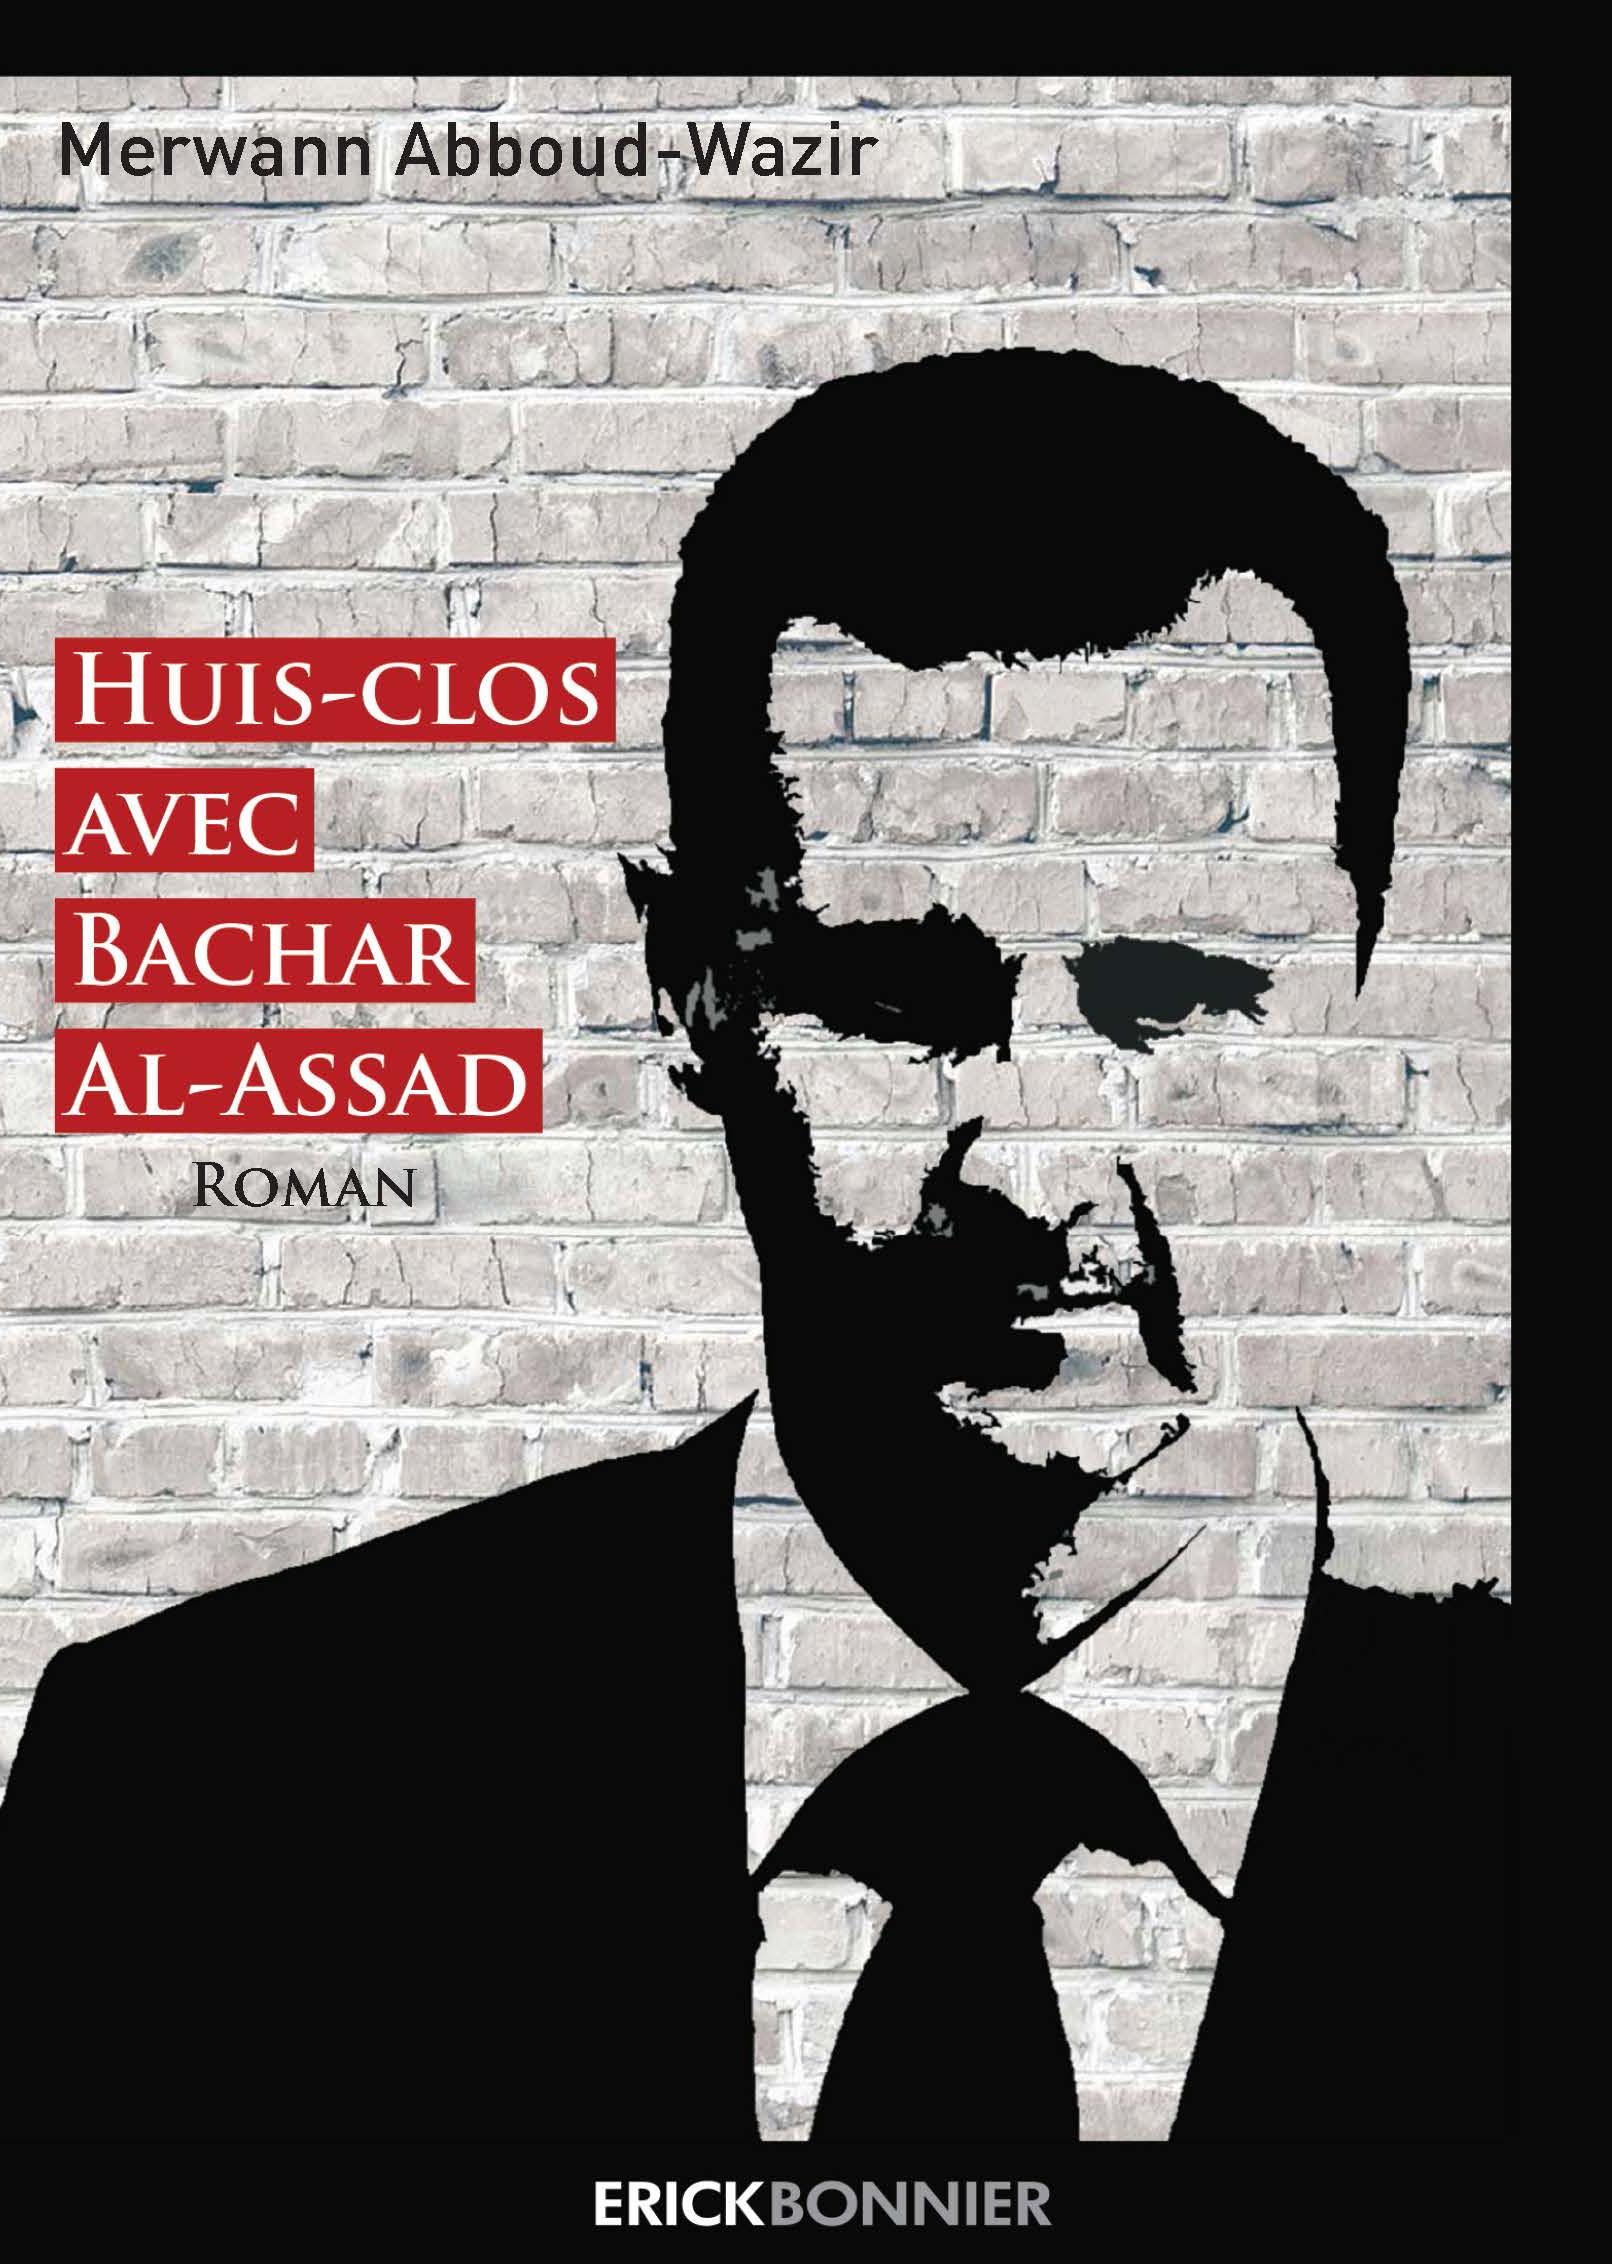 HUIS-CLOS AVEC BACHAR AL-ASSAD